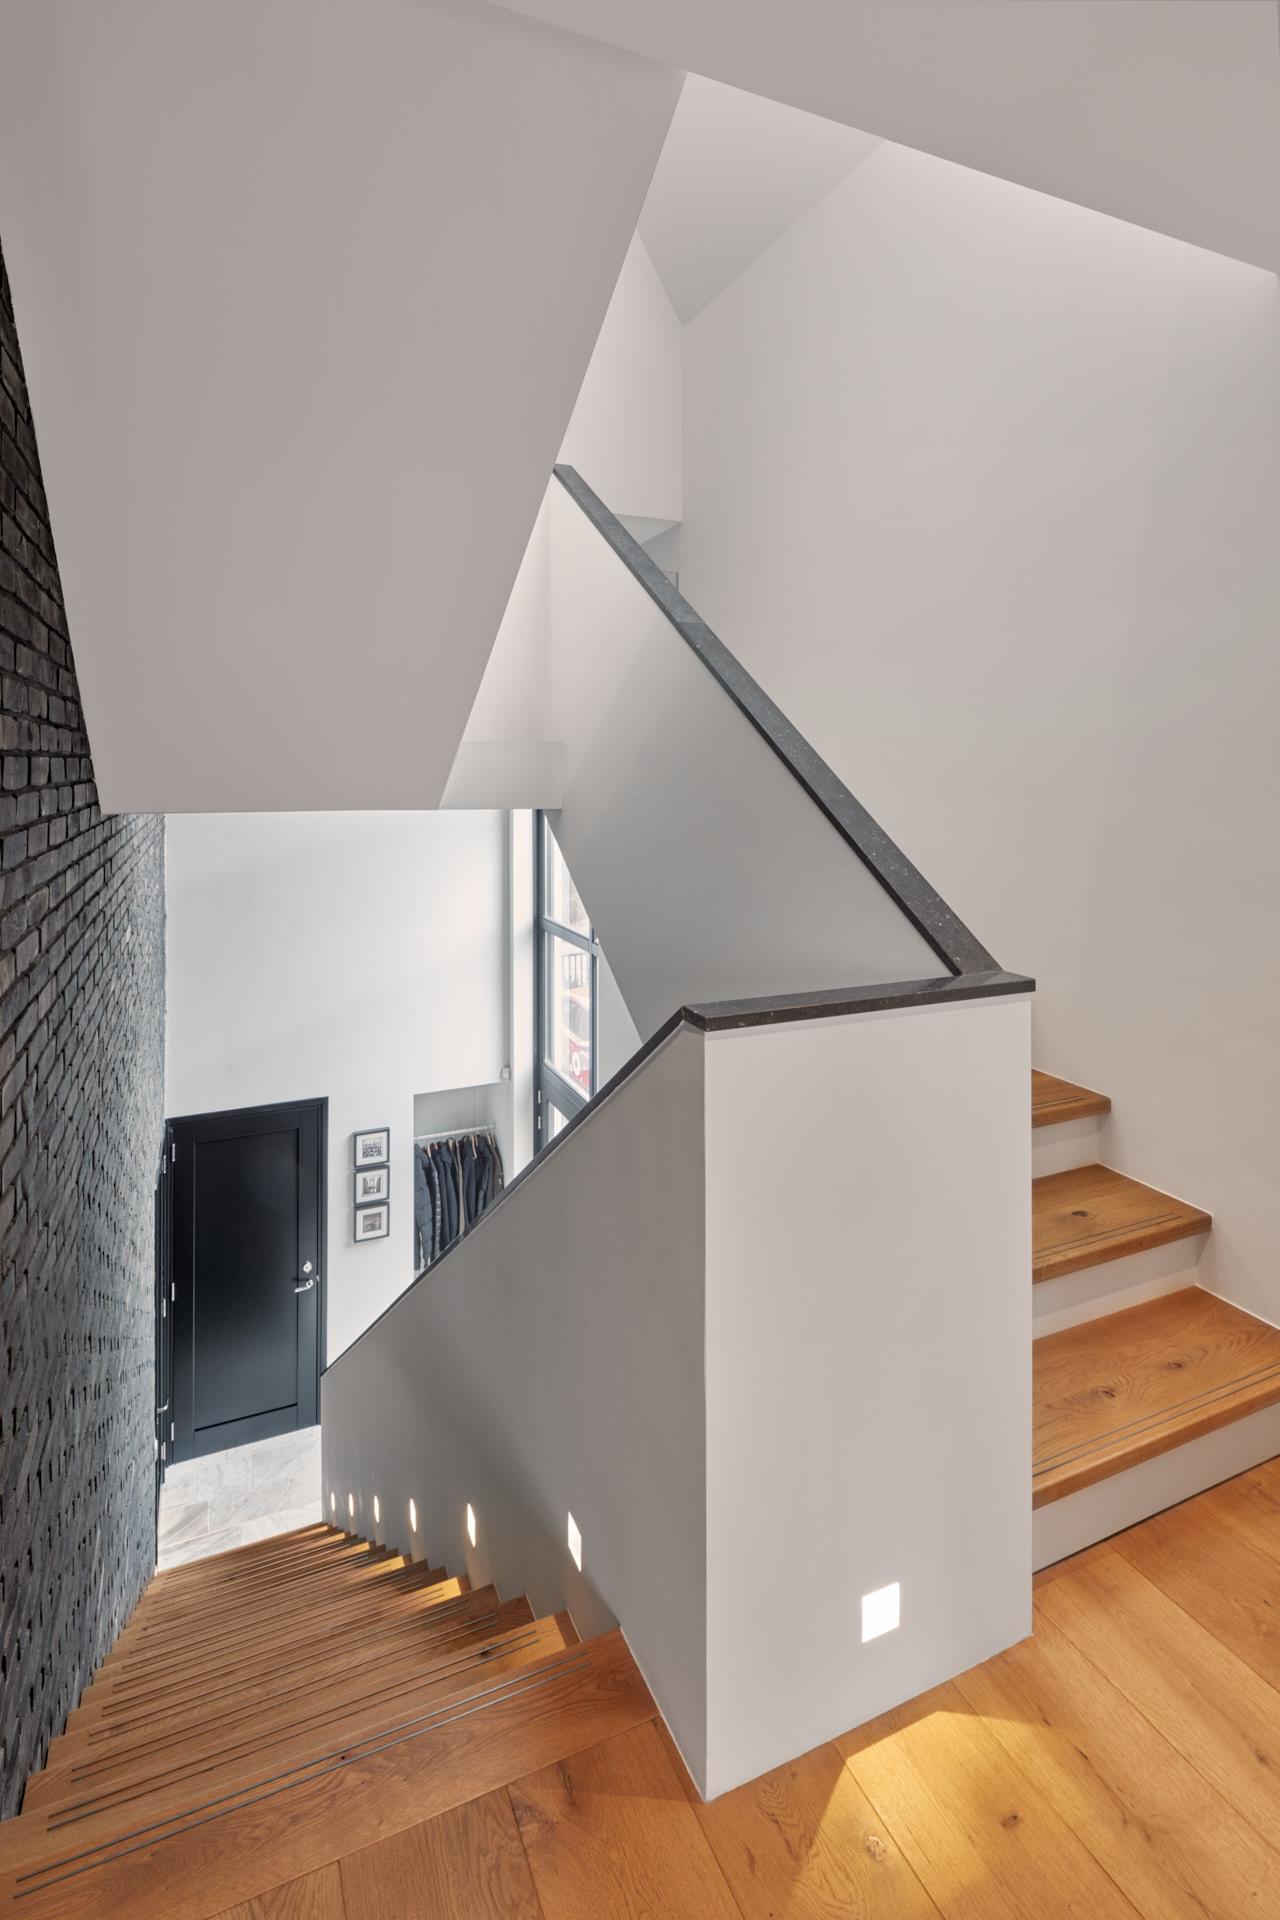 Maxim Winkelaar Architecten uit Amsterdam heeft een moderne nieuwbouwvilla aan het water van de Vinkeveense Plassen ontworpen en gebouwd. Wit stucwerk met hout en een leiendak met veranda.